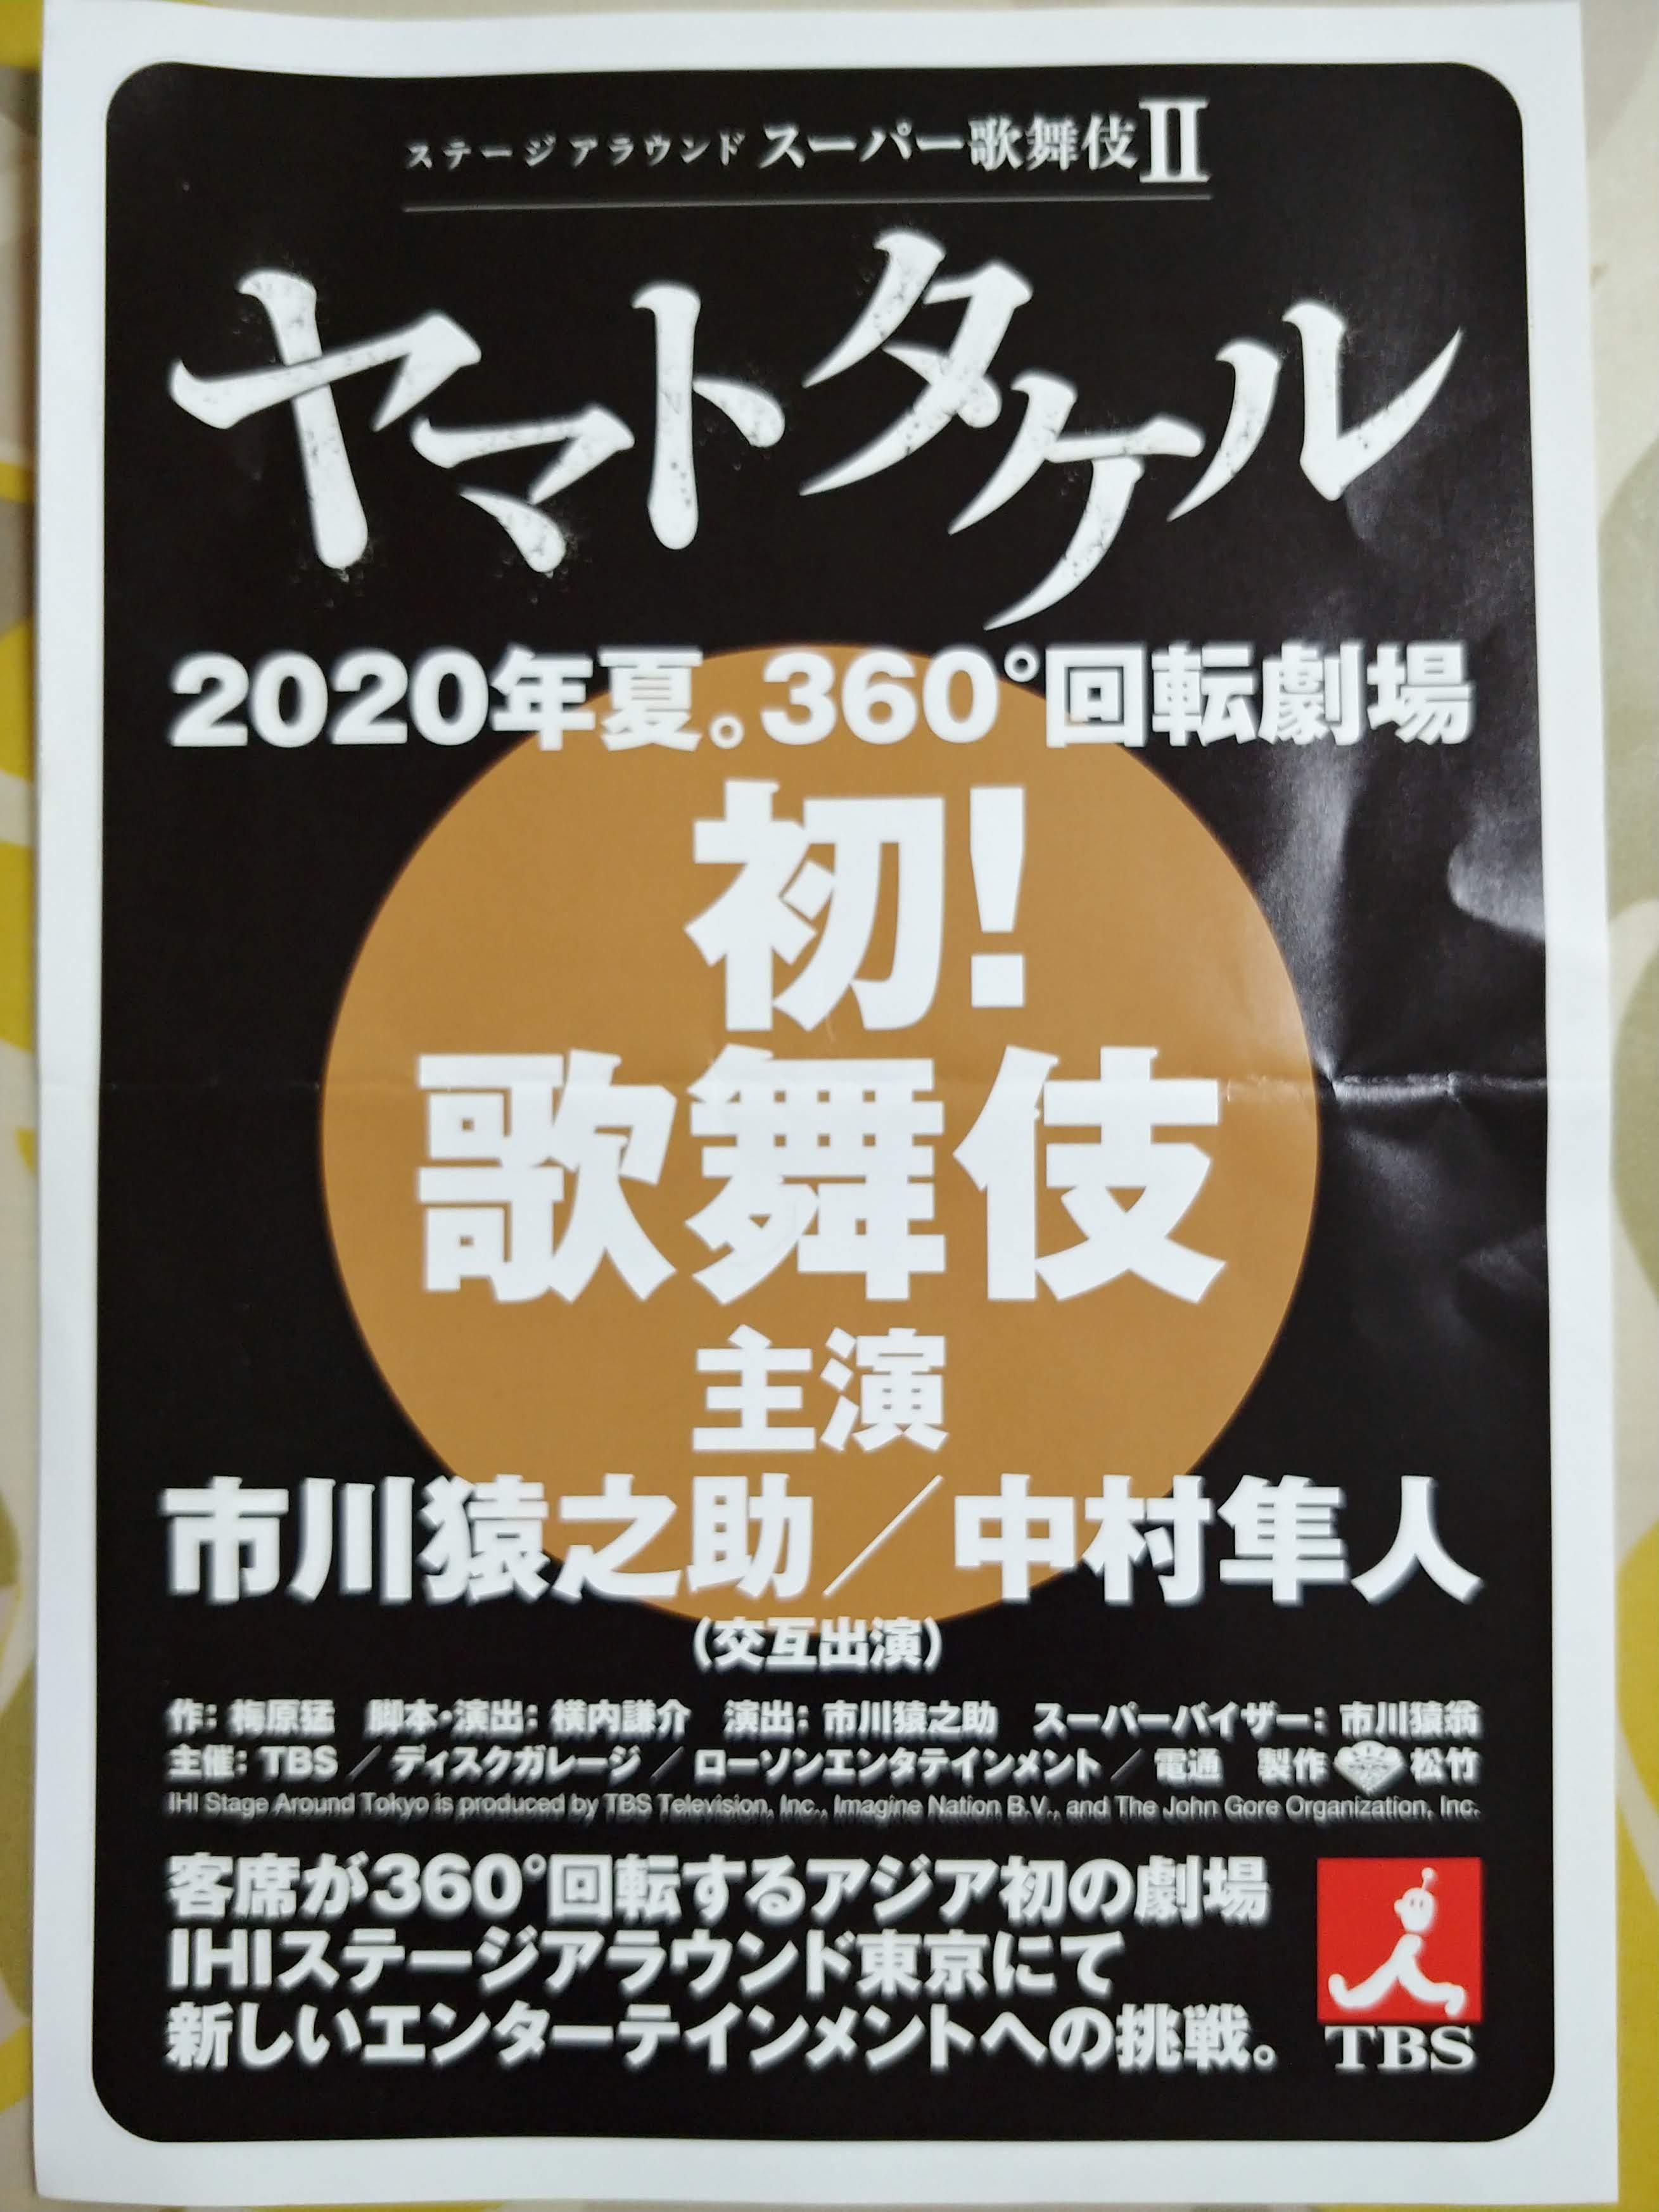 ヤマトタケル2020年夏。360°回転劇場